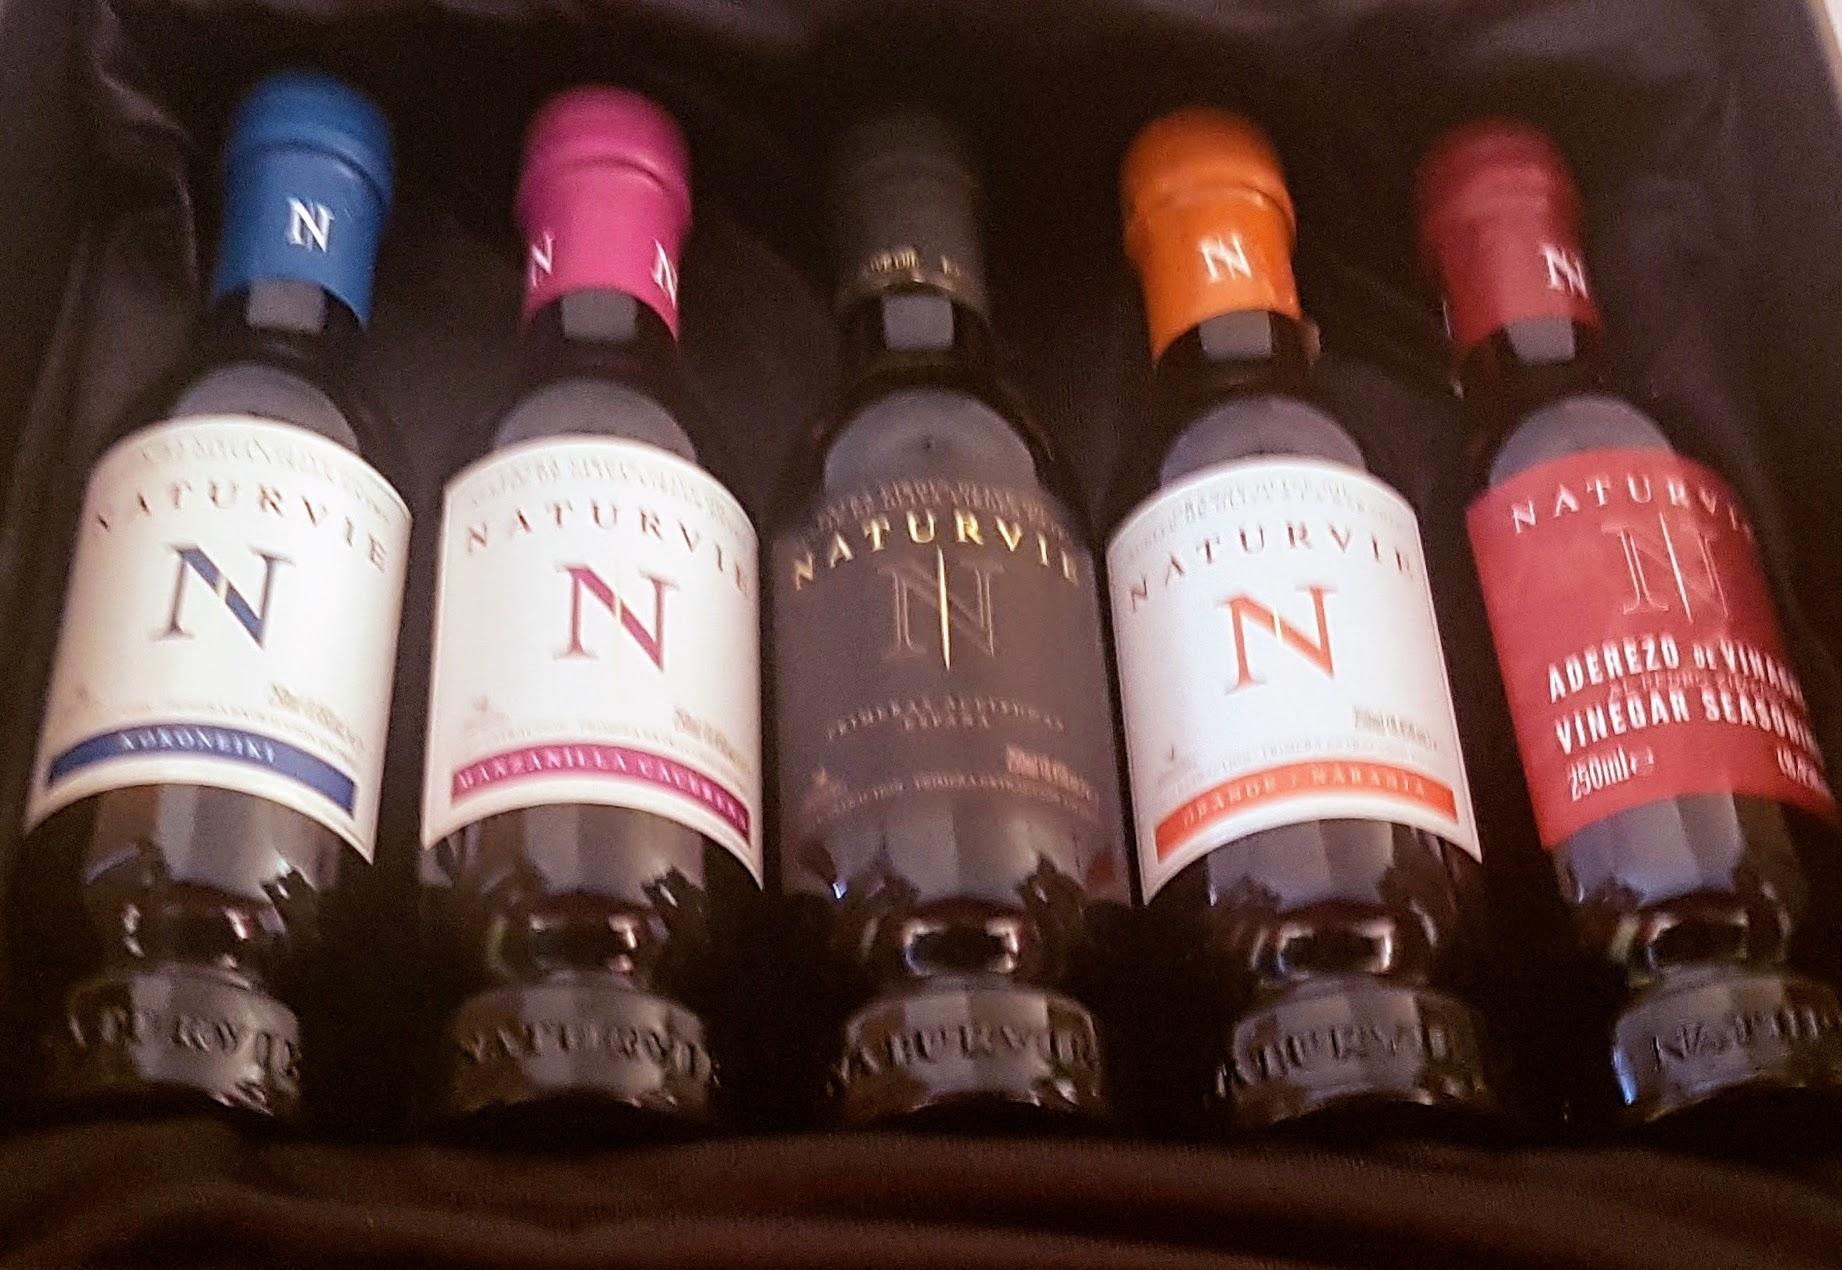 Gama de variedades de aceite de NATURVIE, ideal para disfrutar y regalar